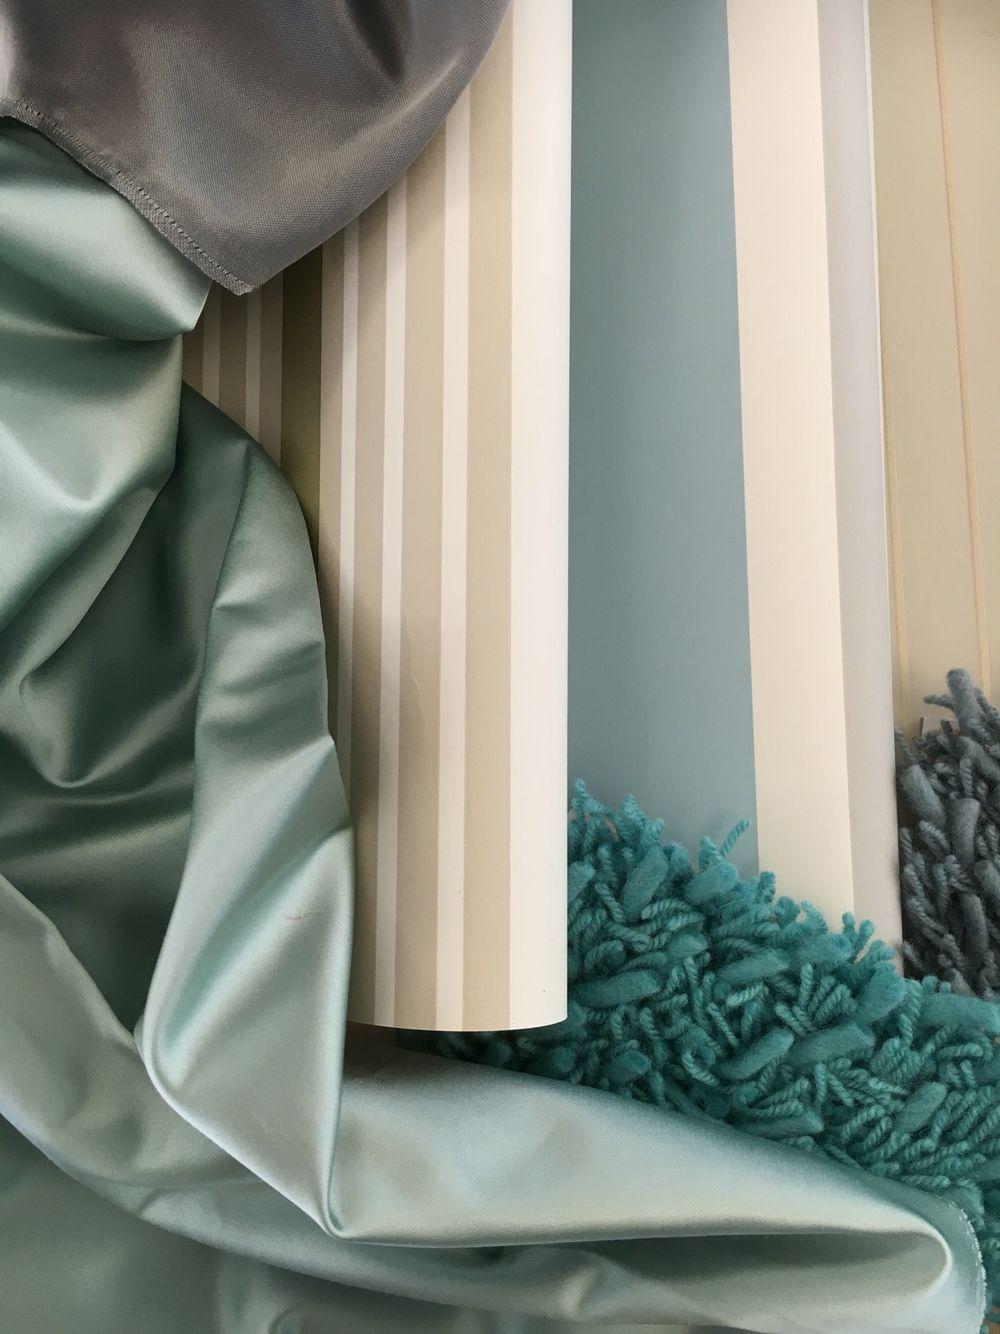 Einfache Dekoration Und Mobel Gemuetlichkeit Durch Teppichboden #23: Designers Guild Essentials, #Tapete, #Satin #Store Und Langflor-Teppichboden  #blau #blue #Streifen #Dekoration #Dekostoff #Vorhang #Gardine #Teppich ...